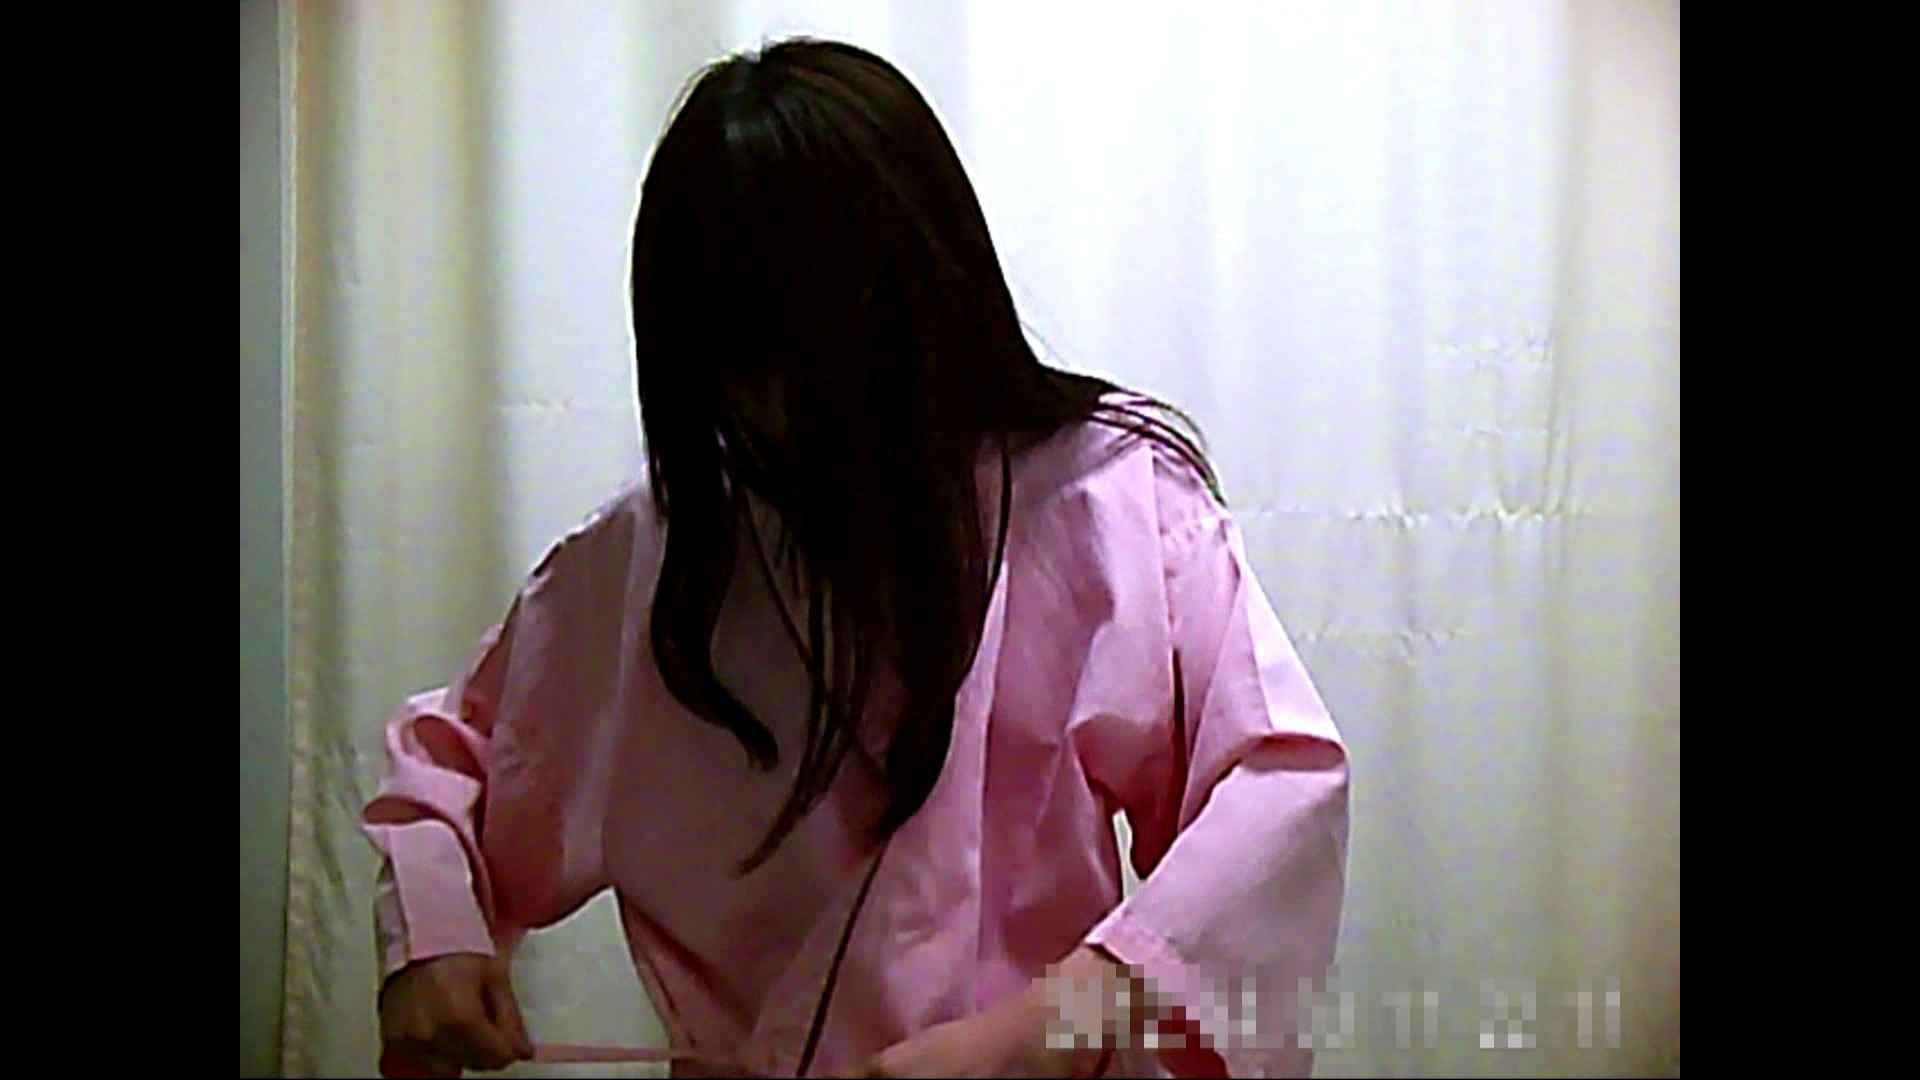 元医者による反抗 更衣室地獄絵巻 vol.022 お姉さん攻略 セックス画像 56画像 5